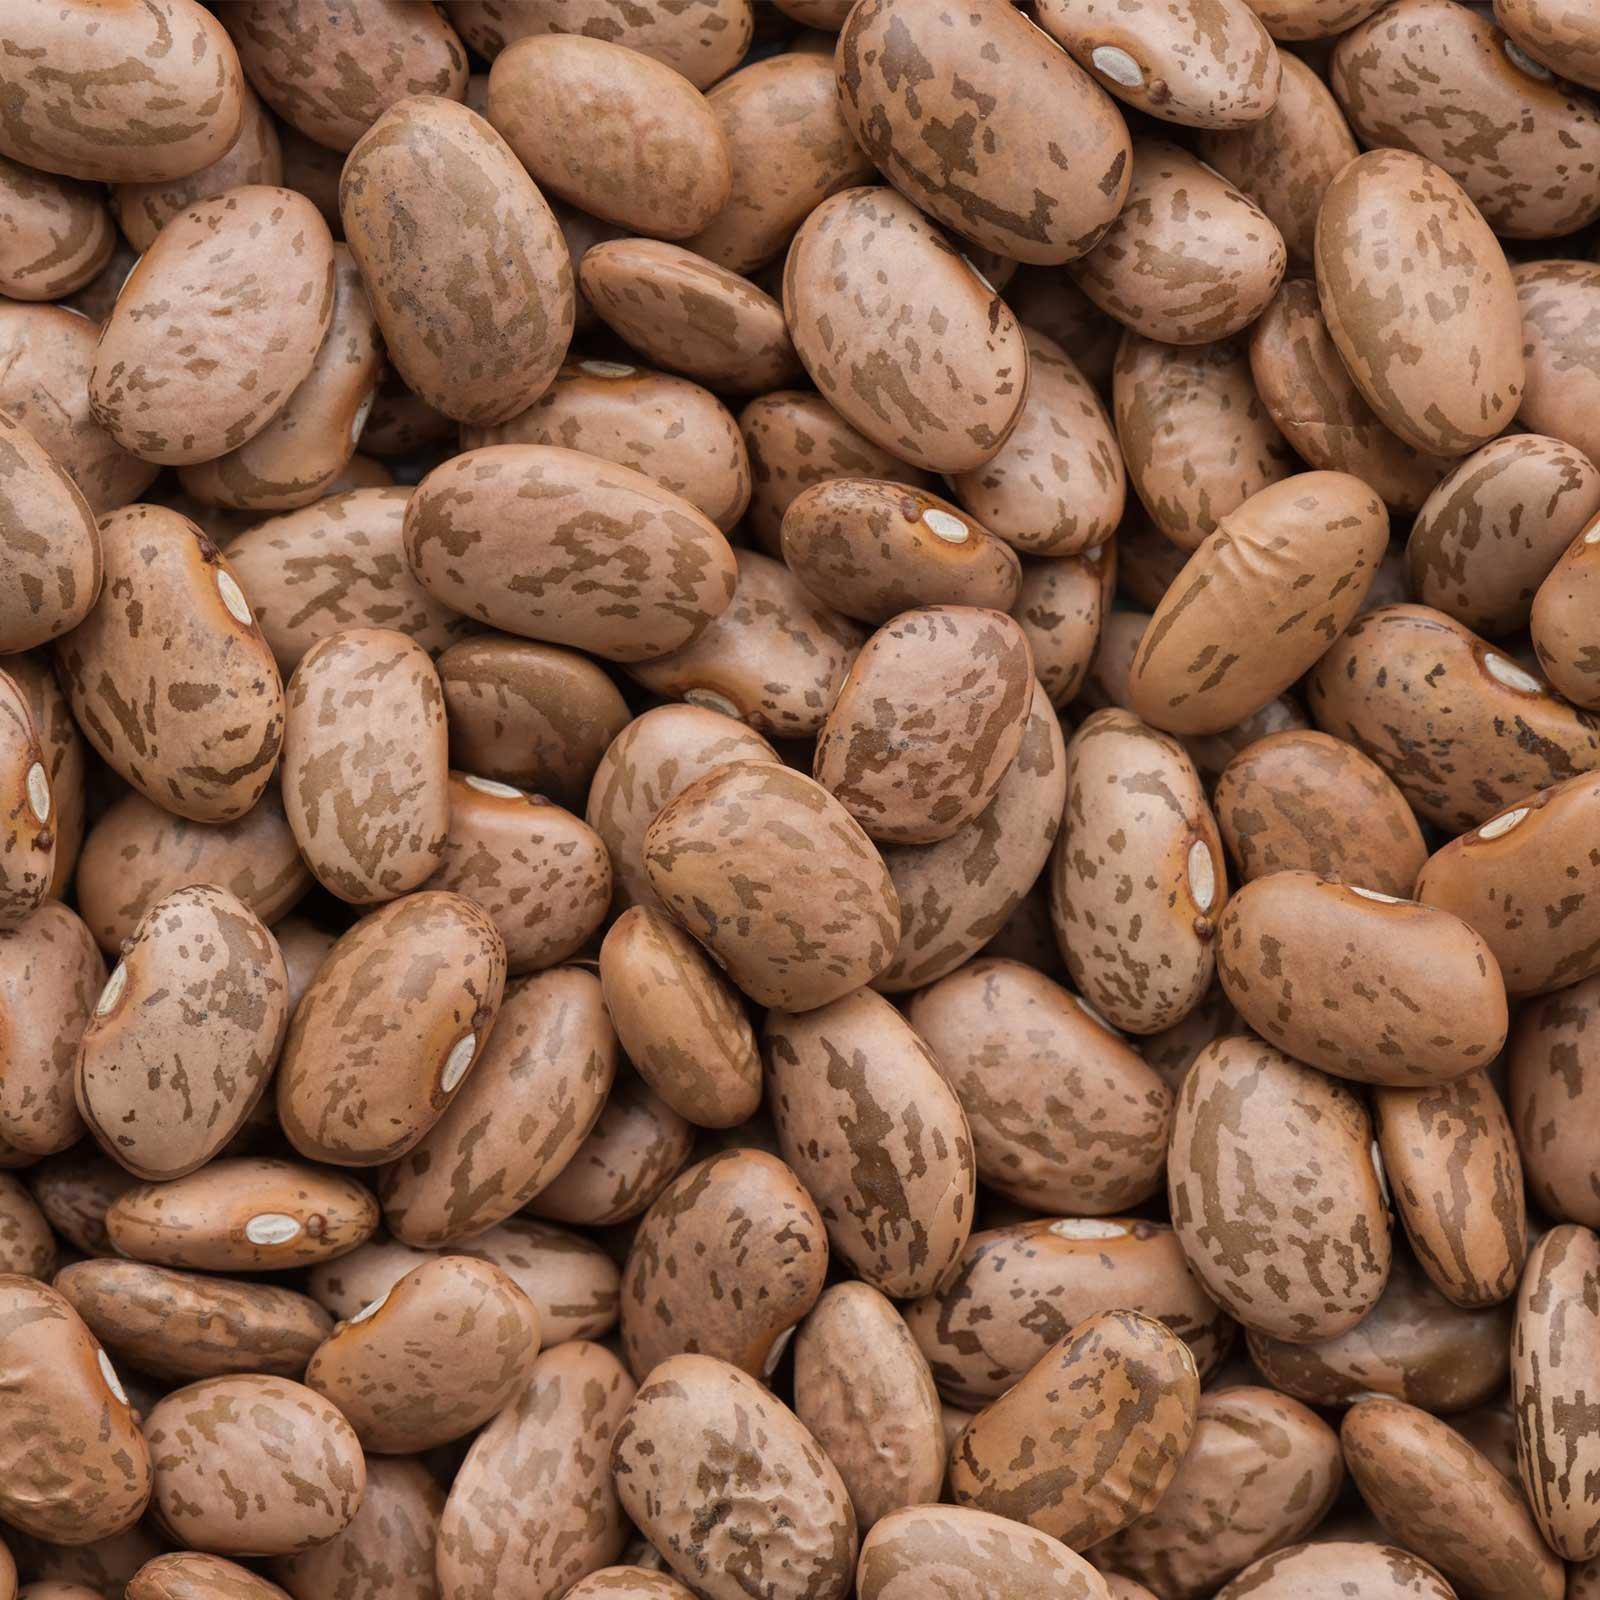 Pinto Bean Seeds - 50 Lb Bulk - Also Called Shell Pinto or Shelling Pinto - Non-GMO, Heirloom - Vegetable Garden Seeds